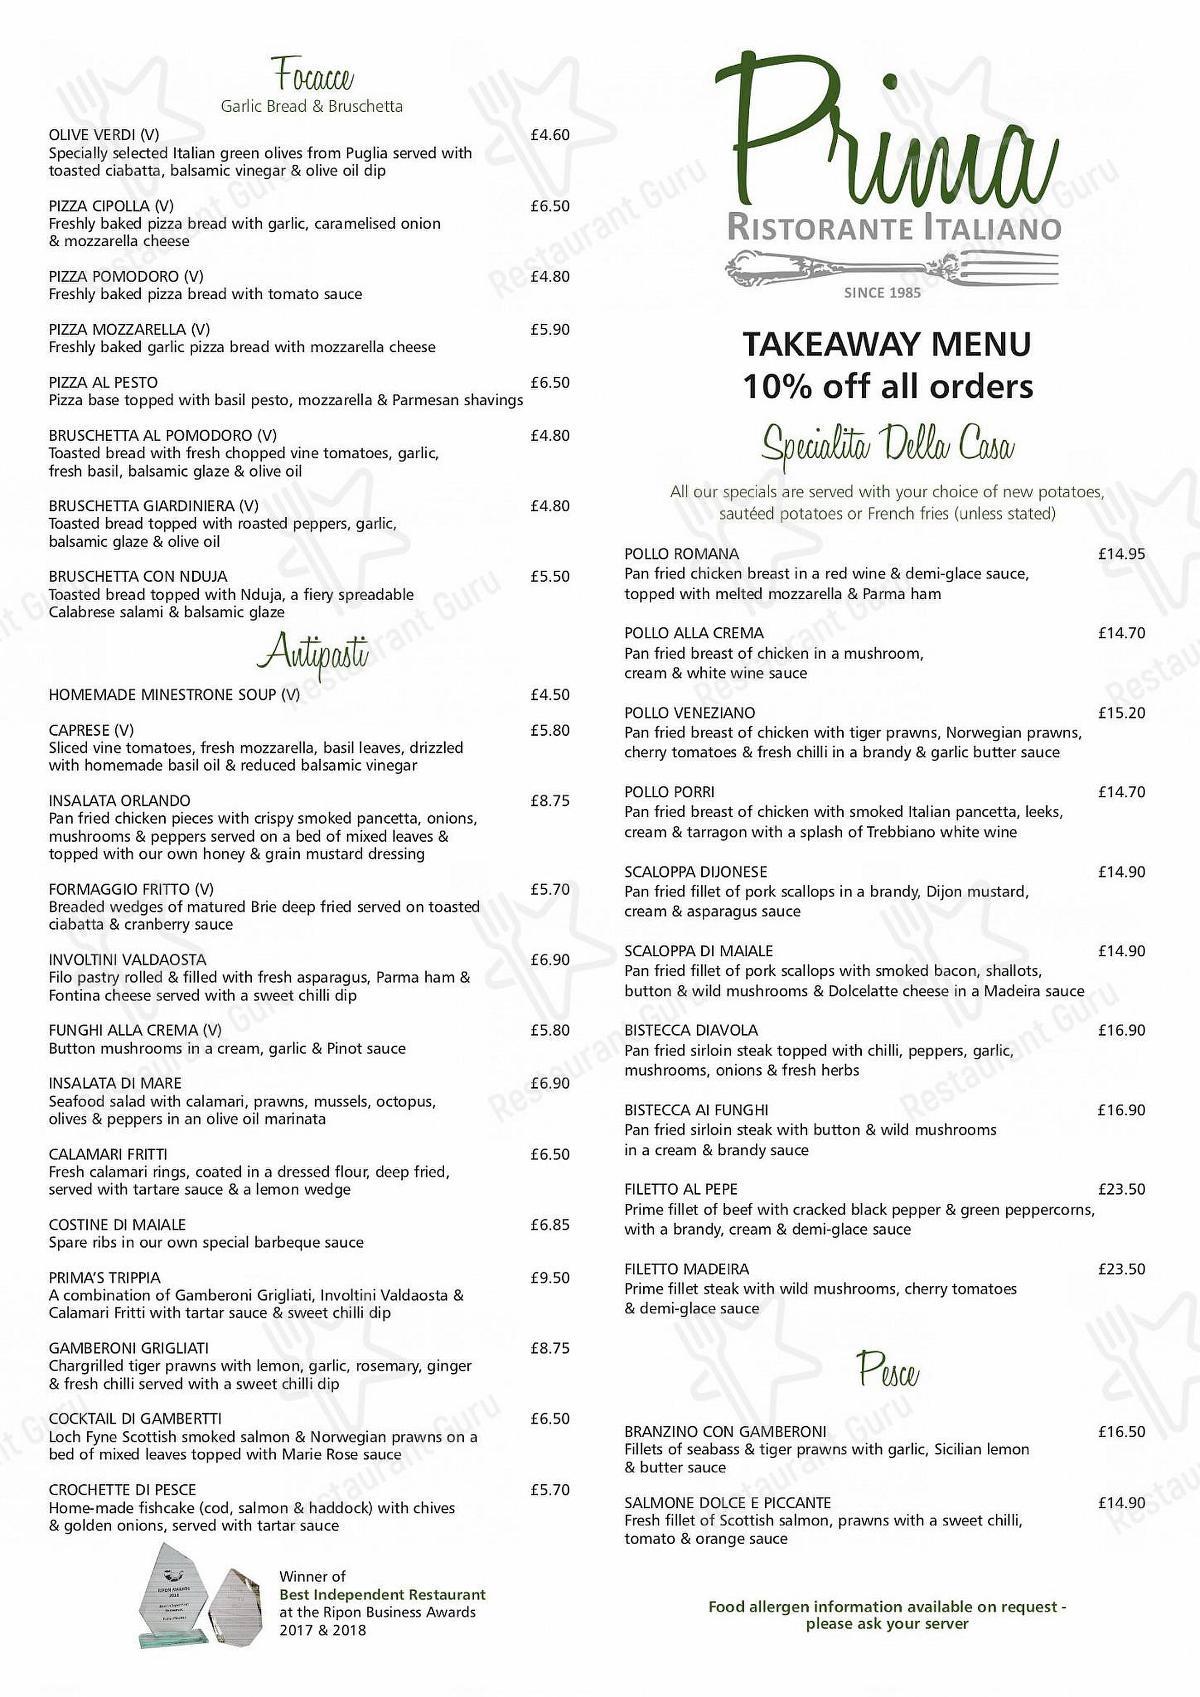 Prima menu